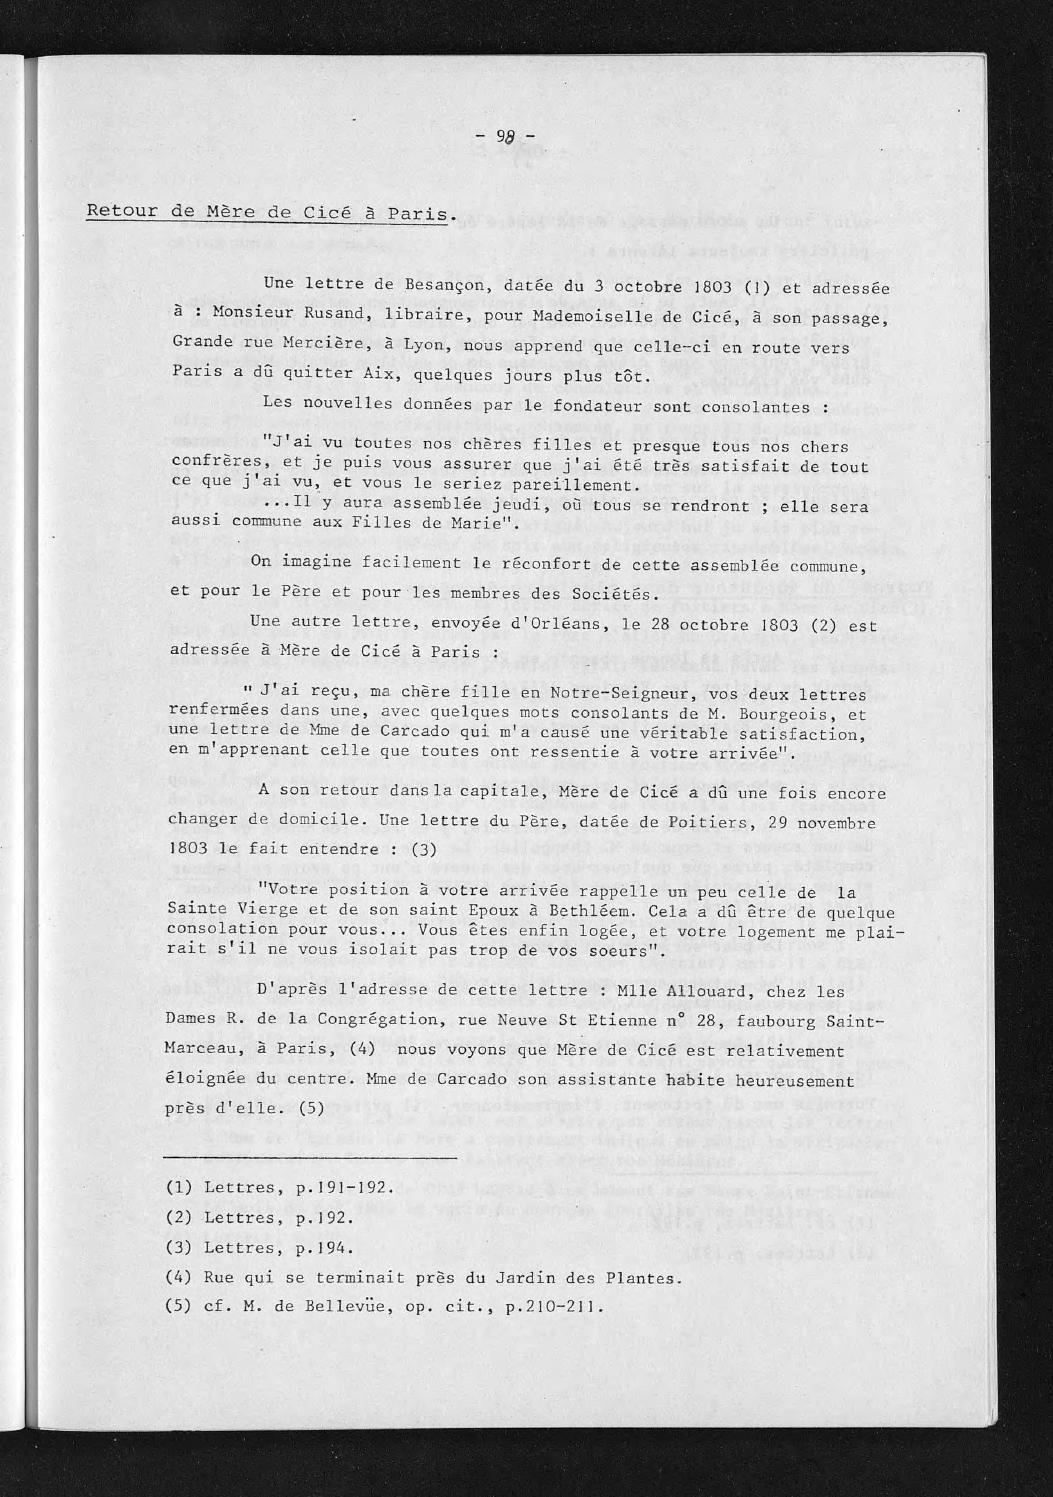 Mère De La Vierge En 4 Lettres : mère, vierge, lettres, Fondées, Hijasdelcorazondemaria-fra, Issuu